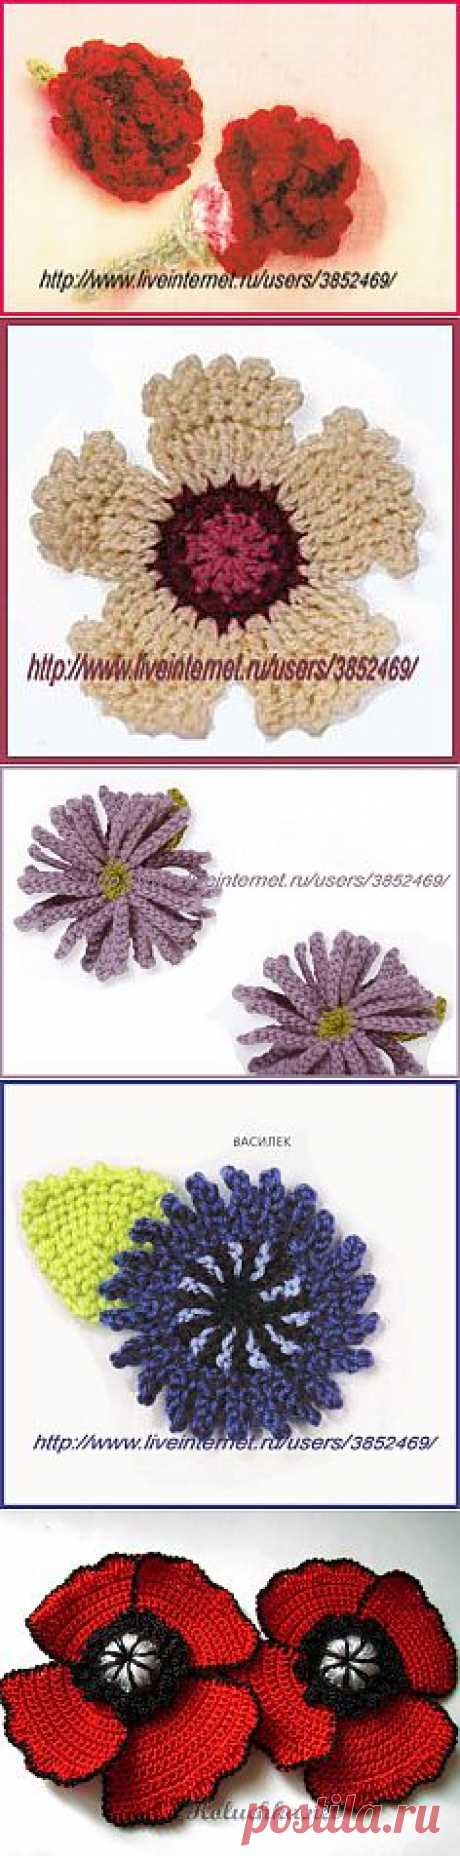 Цветы | Записи в рубрике Цветы | Дневник Лейла_Хилинская